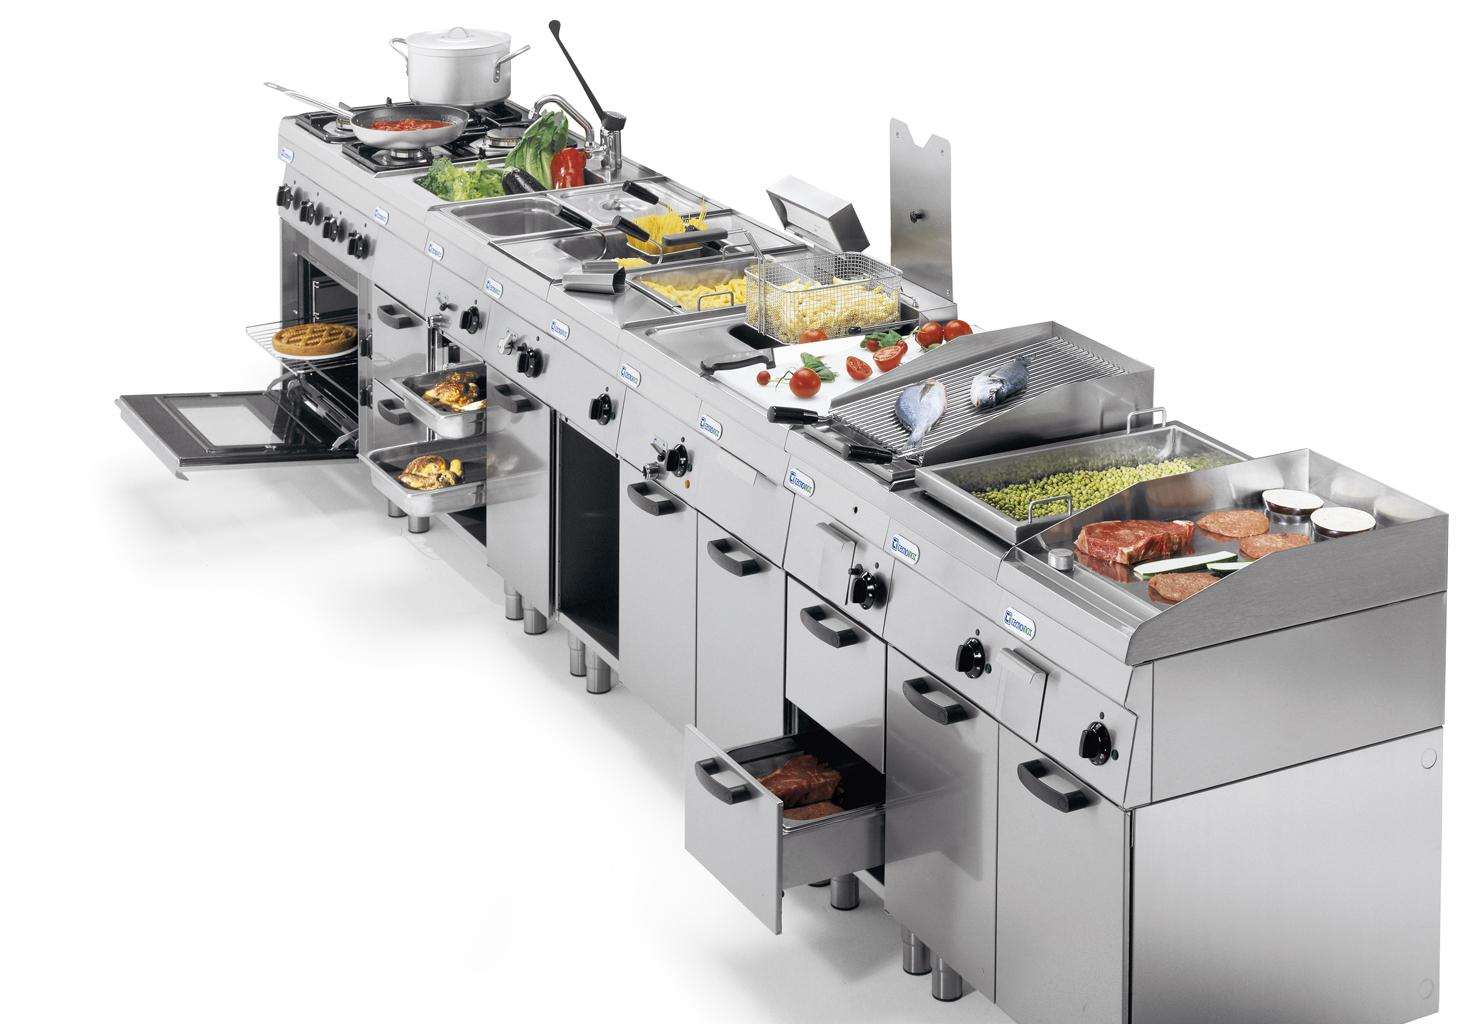 Top 6 cơ sở cung cấp thiết bị bếp công nghiệp inox tốt nhất 2019